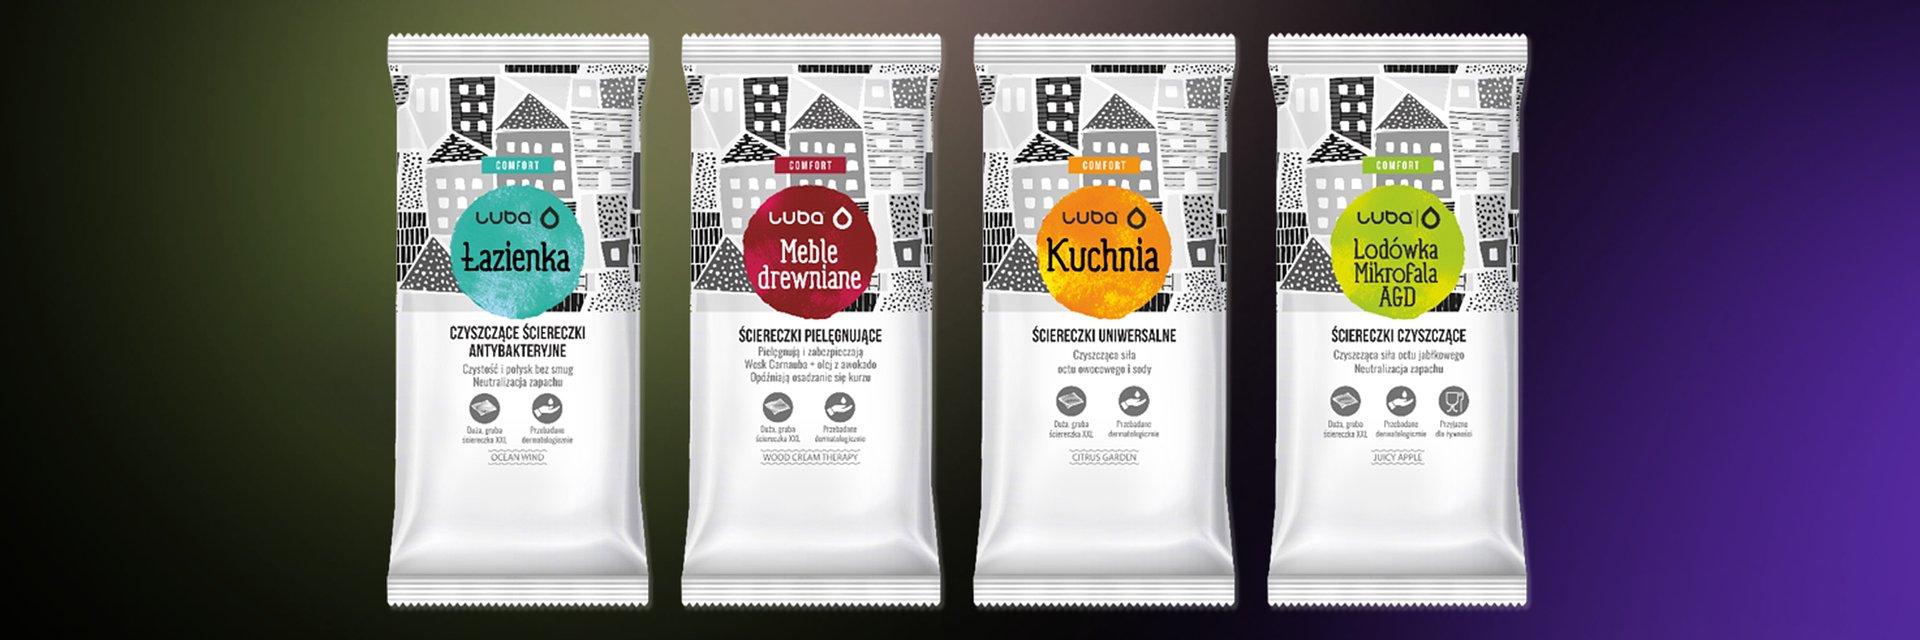 Chusteczki czyszczące LUBA w opakowaniach zaprojektowanych przez FENO